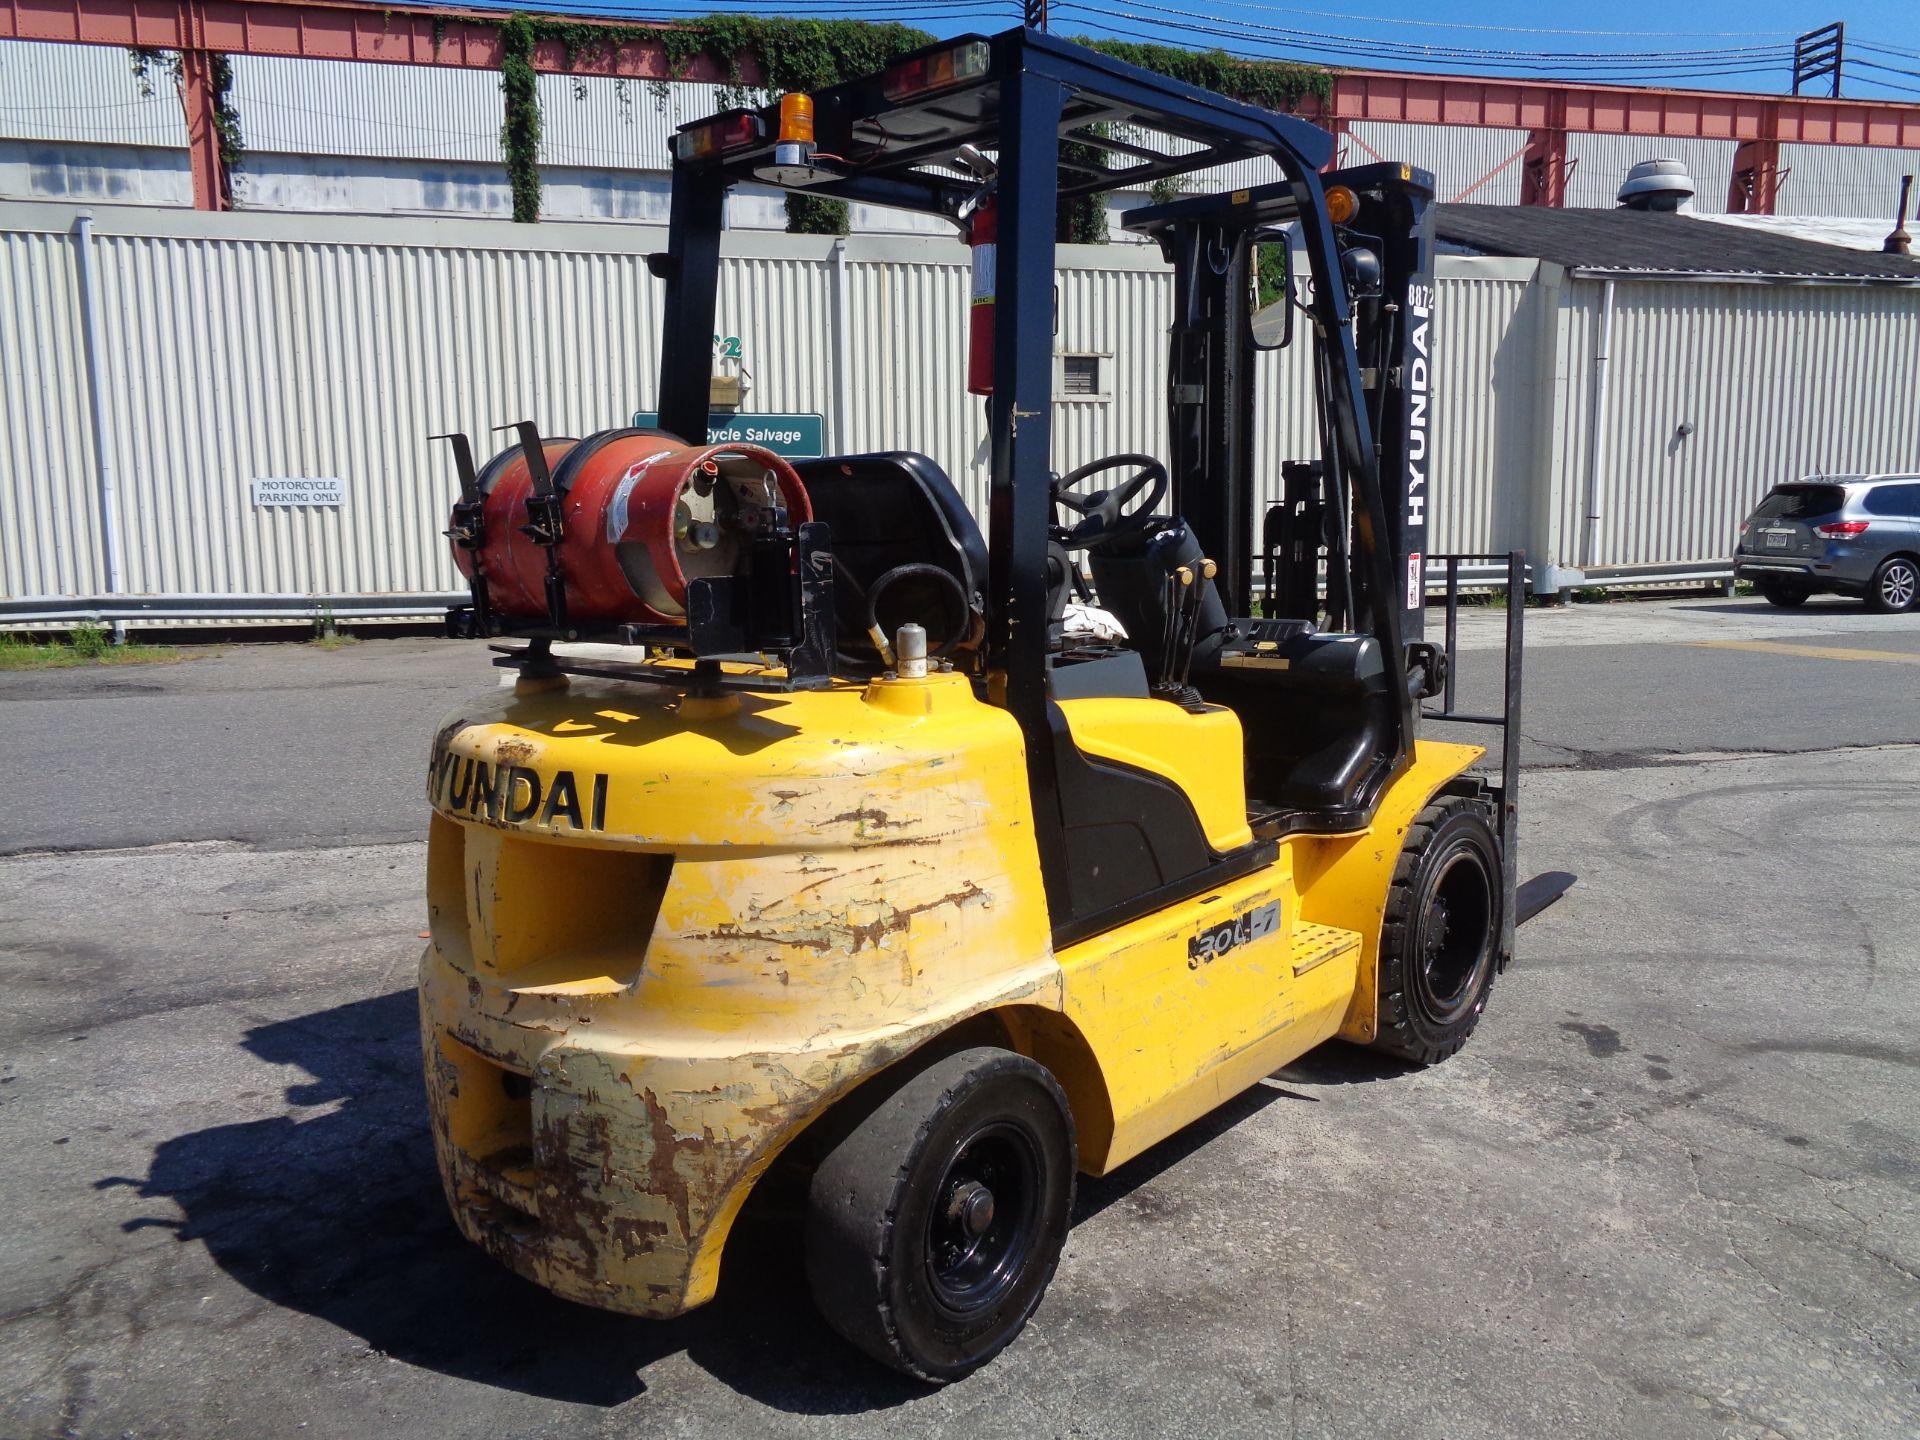 Lot 45 - Hyundai 30L-7 6,000lb Forklift